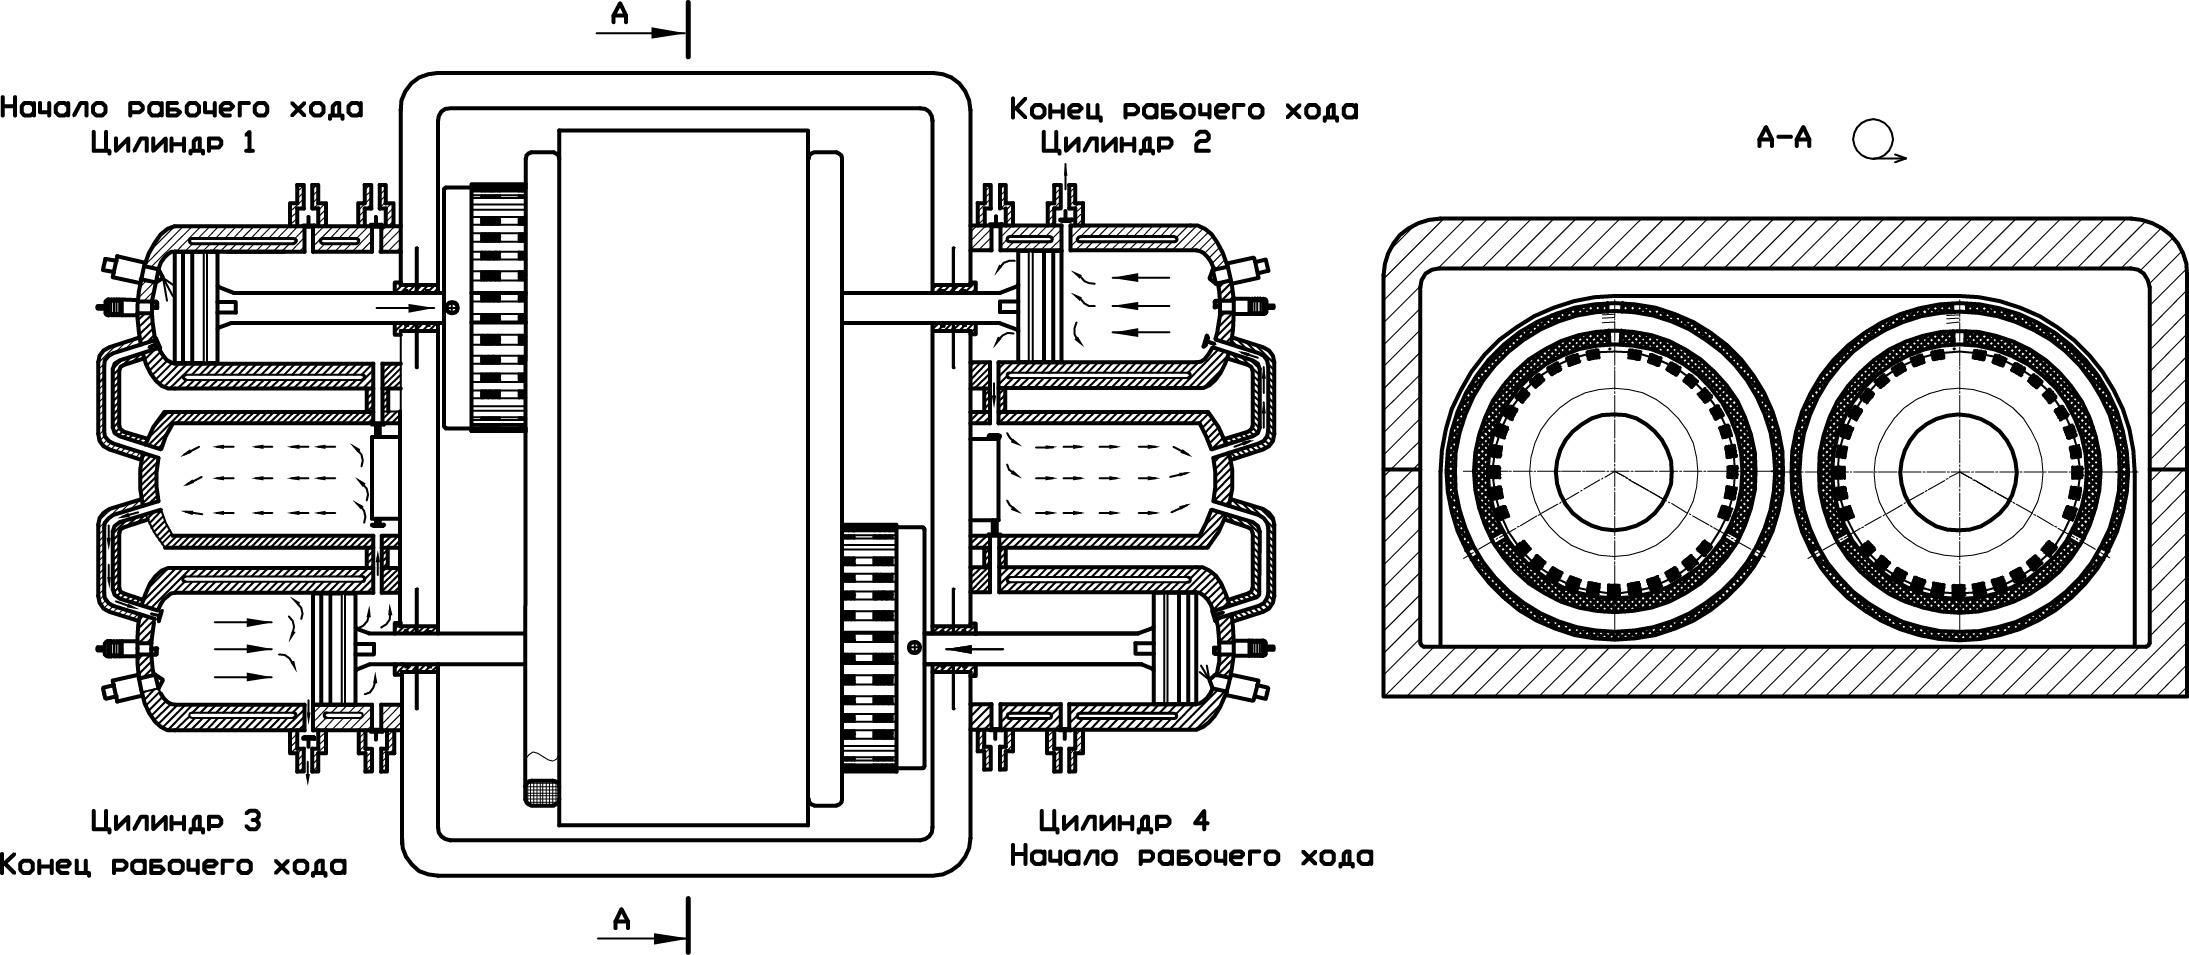 Двухтактный четырехцилиндровый оппозитный ДВС с двумя ресиверами и двумя генераторами. В качестве статоров генераторов использованы тороидальные магнитопровода